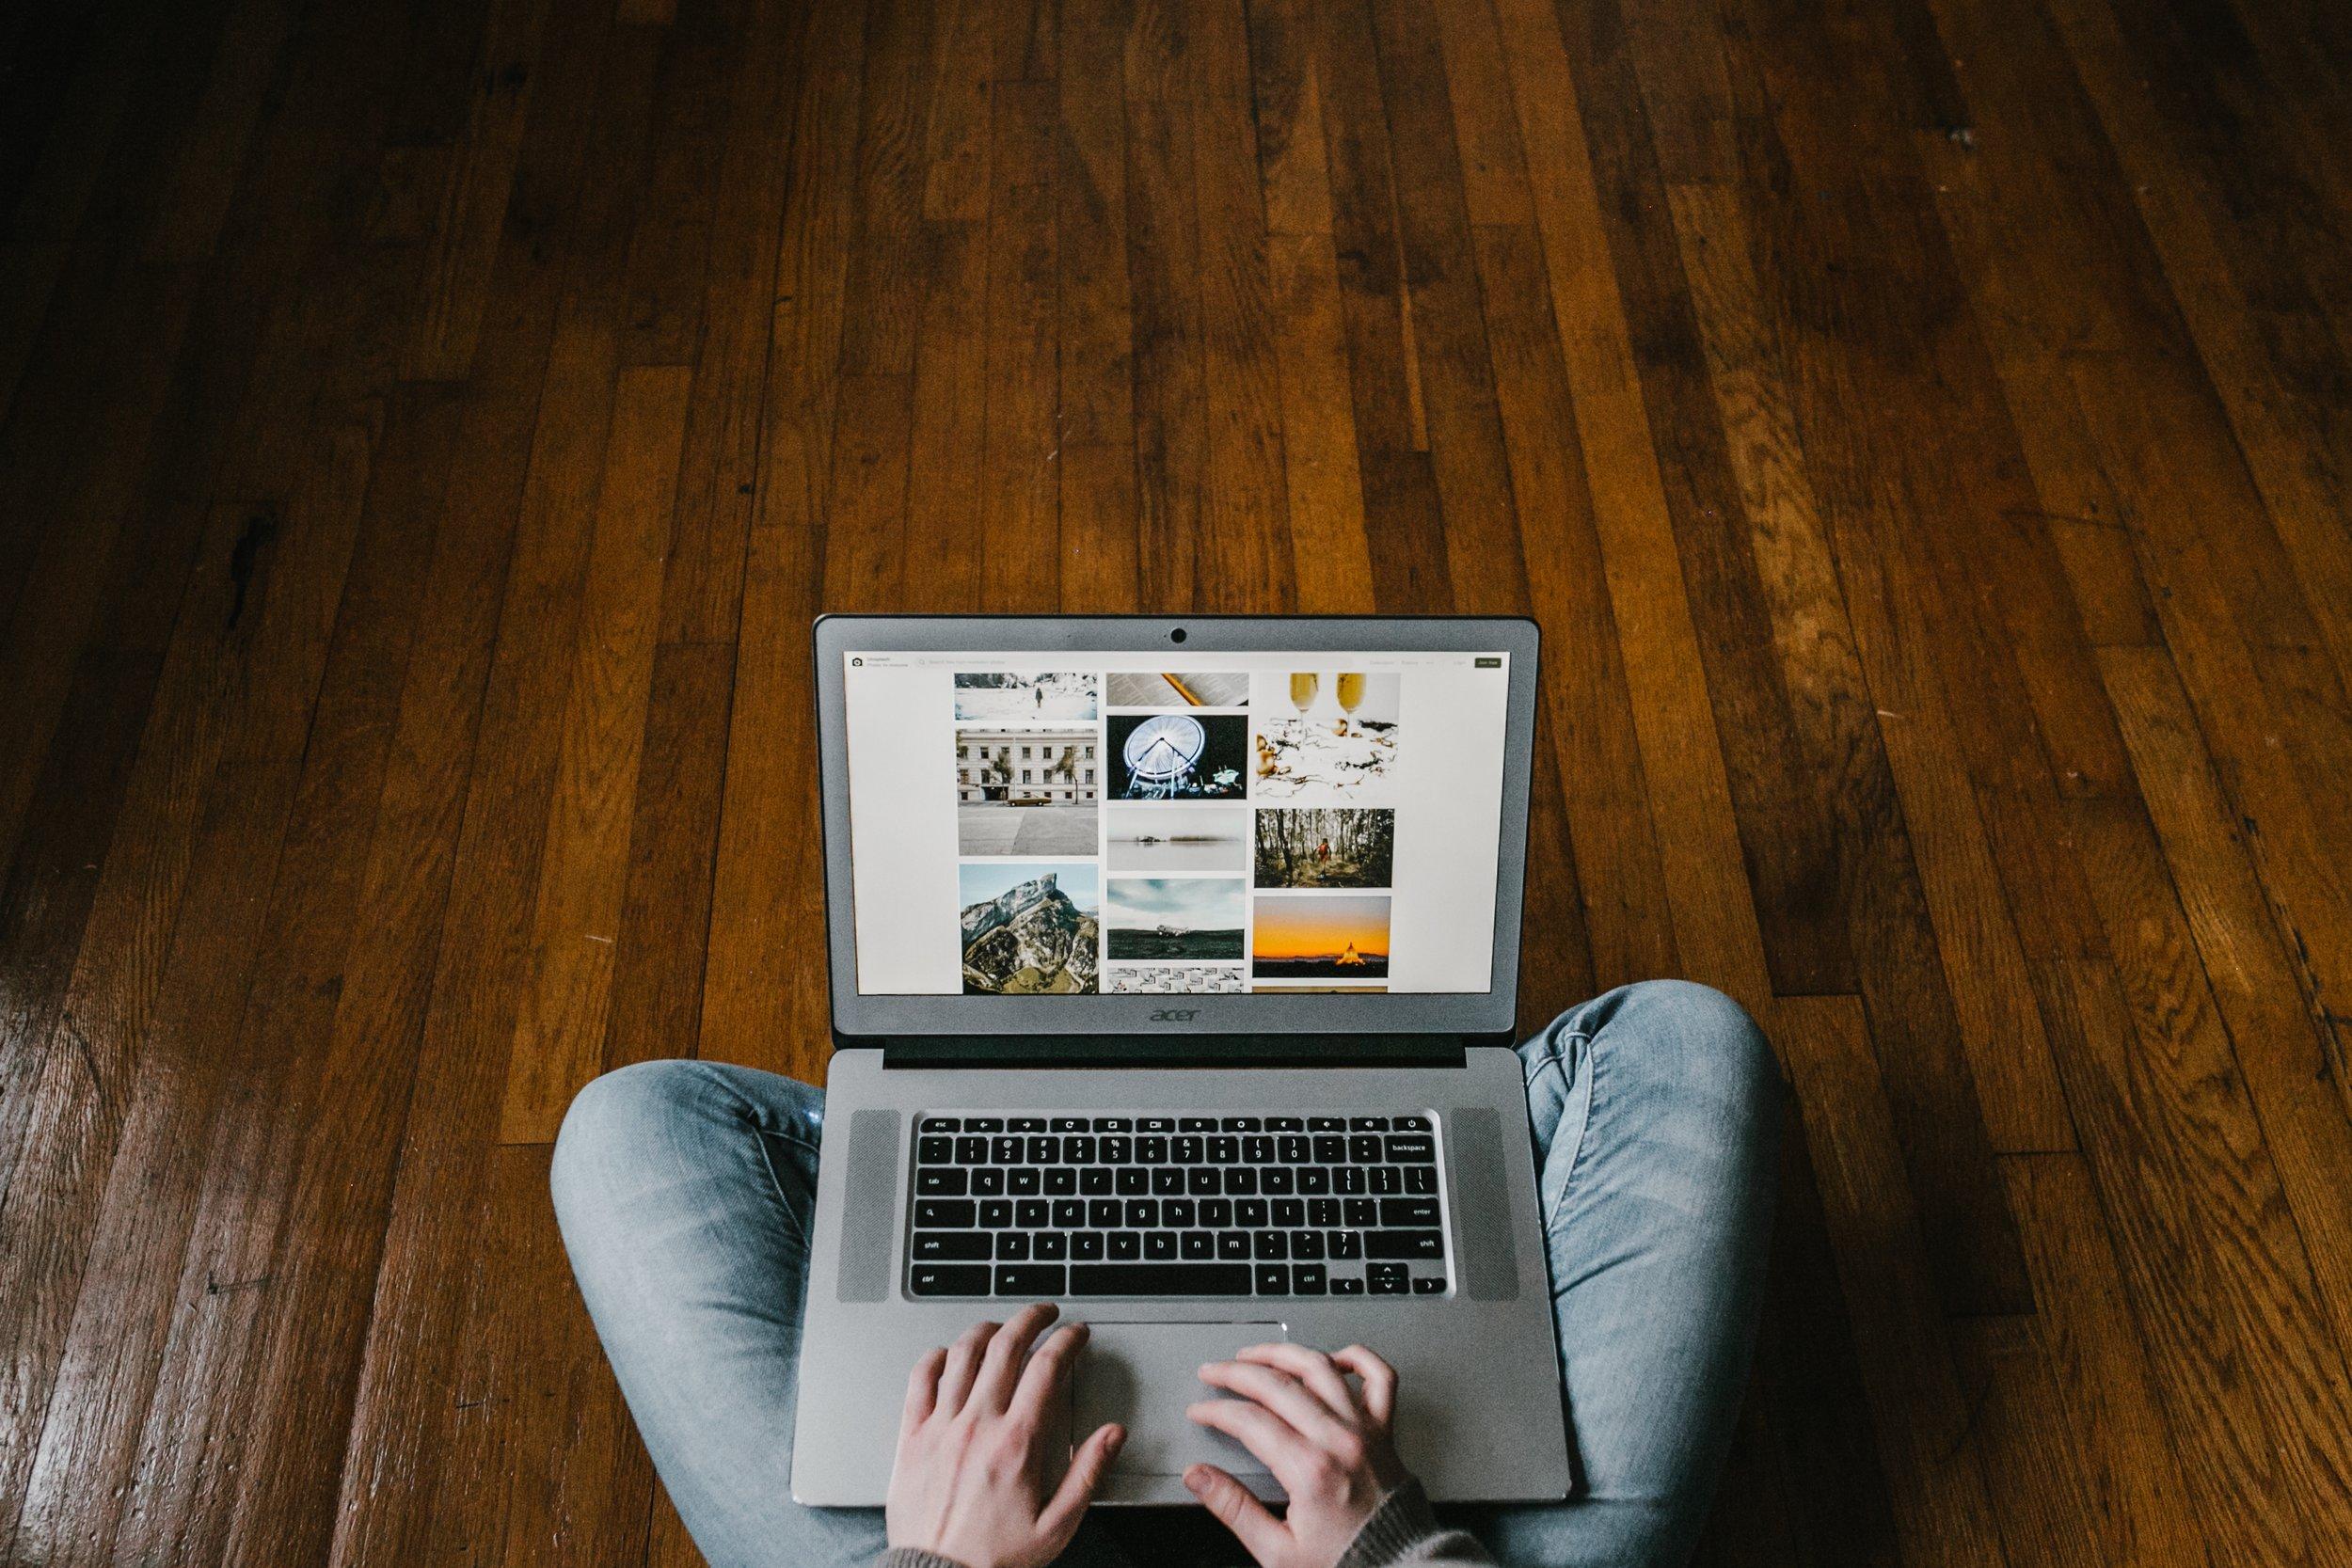 24/ Live-Support - Mobil und flexibel – zu jeder Zeit.Crovillas verfolgt ein Ziel: euren Urlaub zu den schönsten Tagen des Jahres zu machen! Unser gastfreundliches Denken und die Vorliebe für die schönsten Ferienhäuser motiviert uns, jederzeit für euch da zu sein um! Wir nehmen uns bewusst die Zeit und sind 24 Stunden an 7 Tagen die Woche für euch erreichbar. Euer Anliegen steht im Fokus und wandelt sich gepaart mit unserer Expertise, zu eurer maßgeschneiderten Ferienvilla. Unsere Care-Team steht euch klassisch per Telefon, aber auch jederzeit per Email sowie auf allen Social-Media Kanälen und im Livechat zur Verfügung.